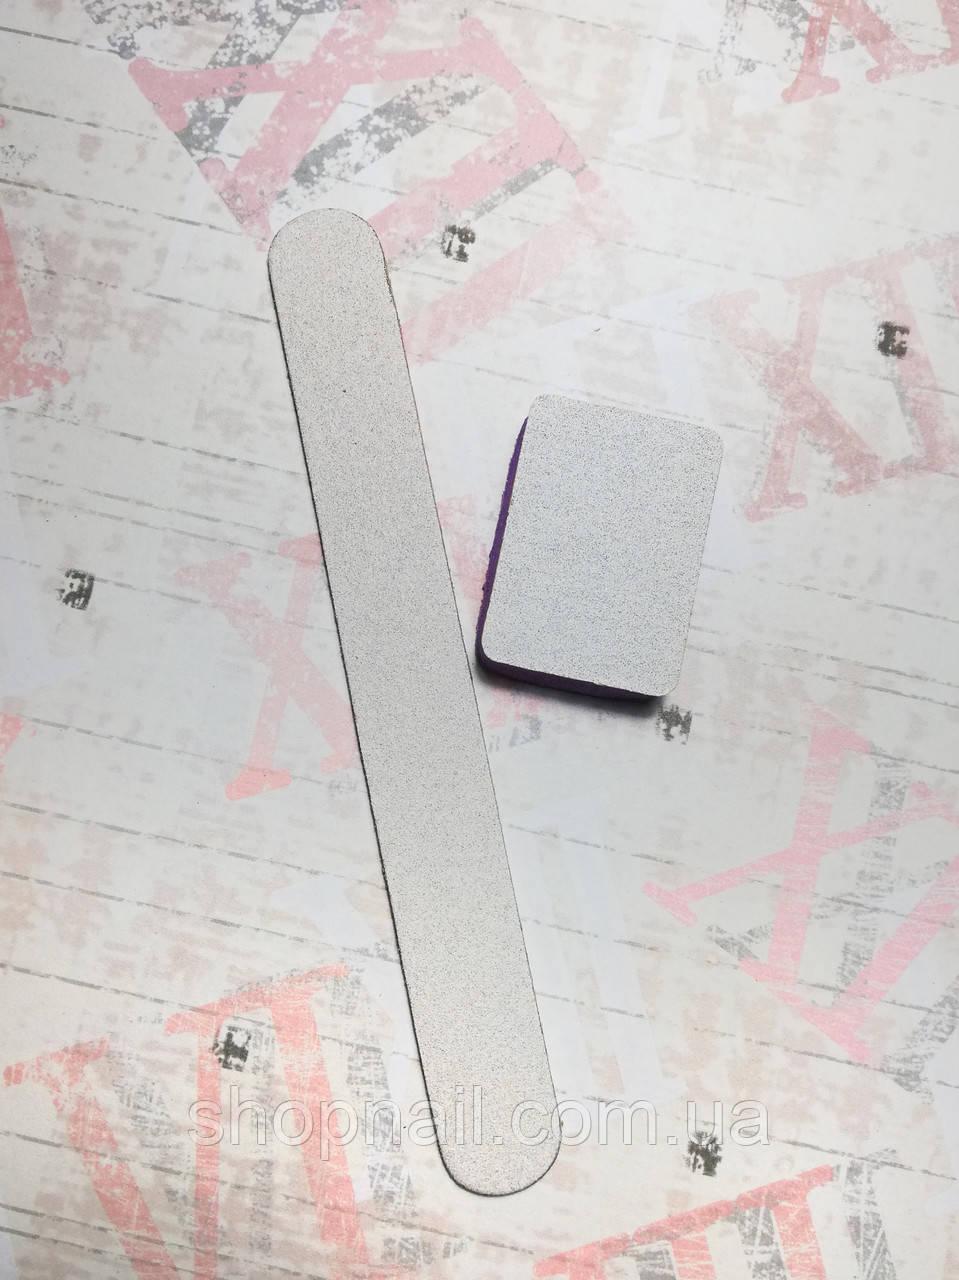 Одноразовый набор для маникюра (пилочка 100/180 и баф 150/180)